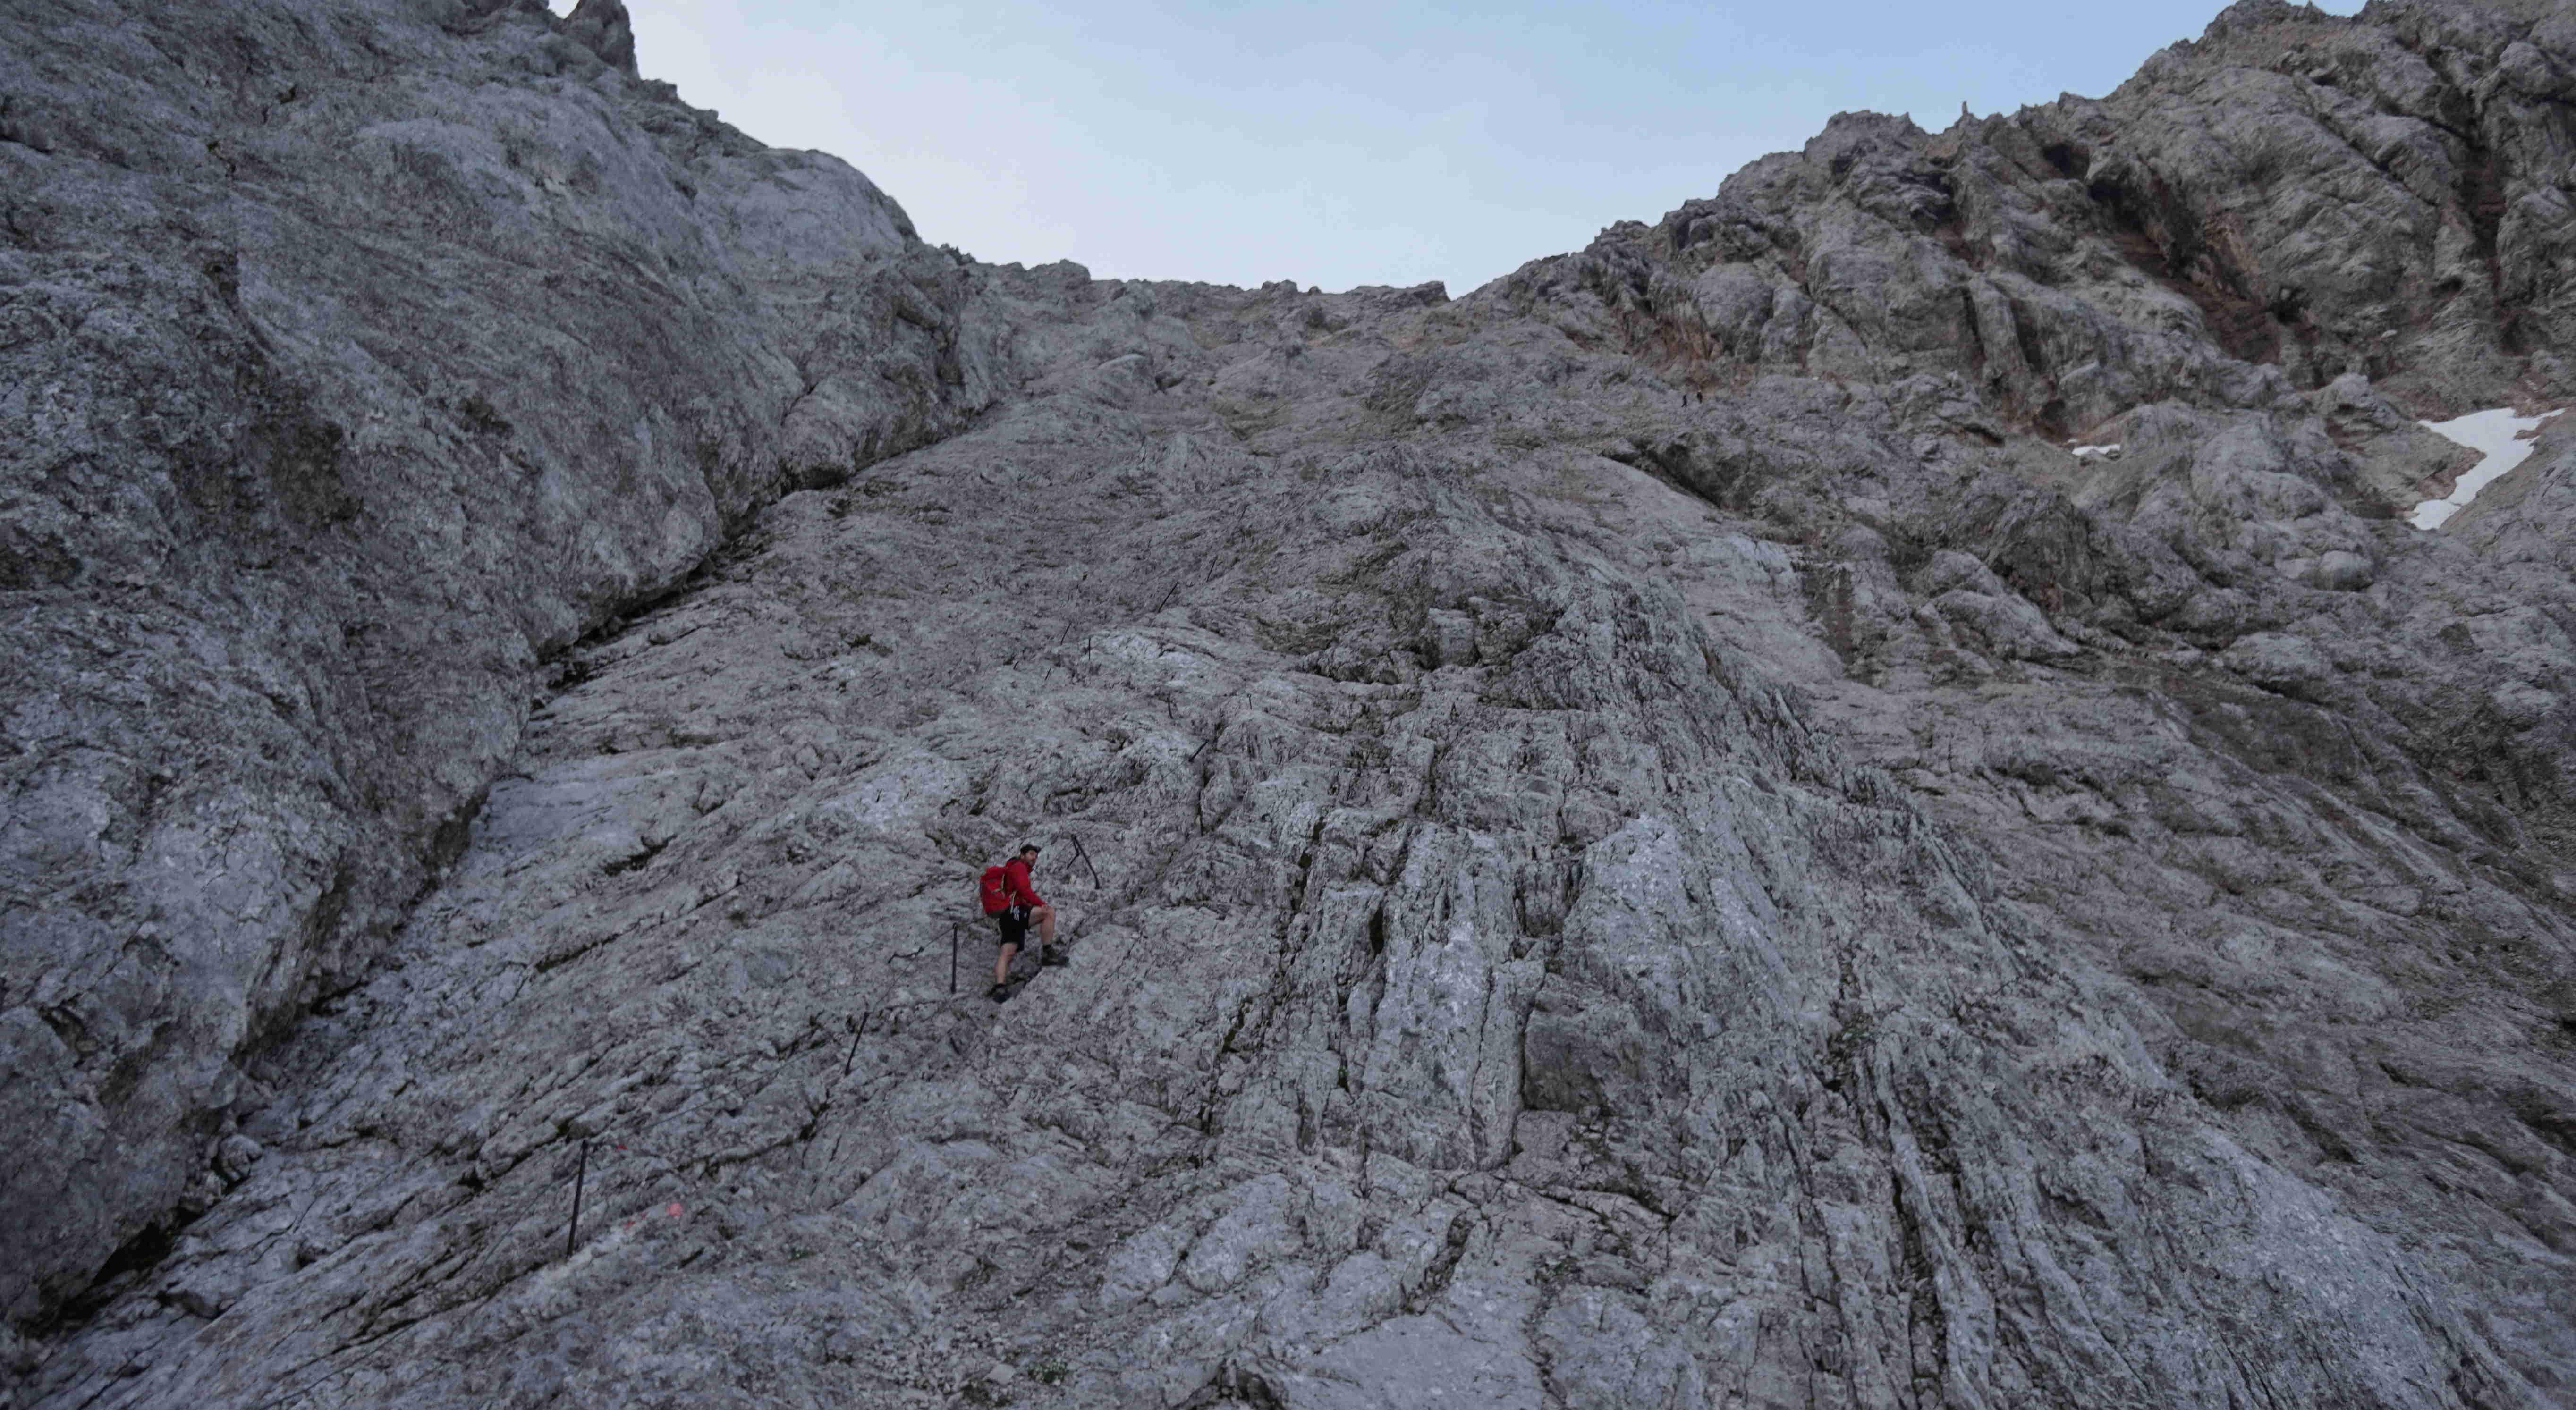 Klettersteig Zugspitze Stopselzieher : Klettersteig zugspitze u outdoor clan